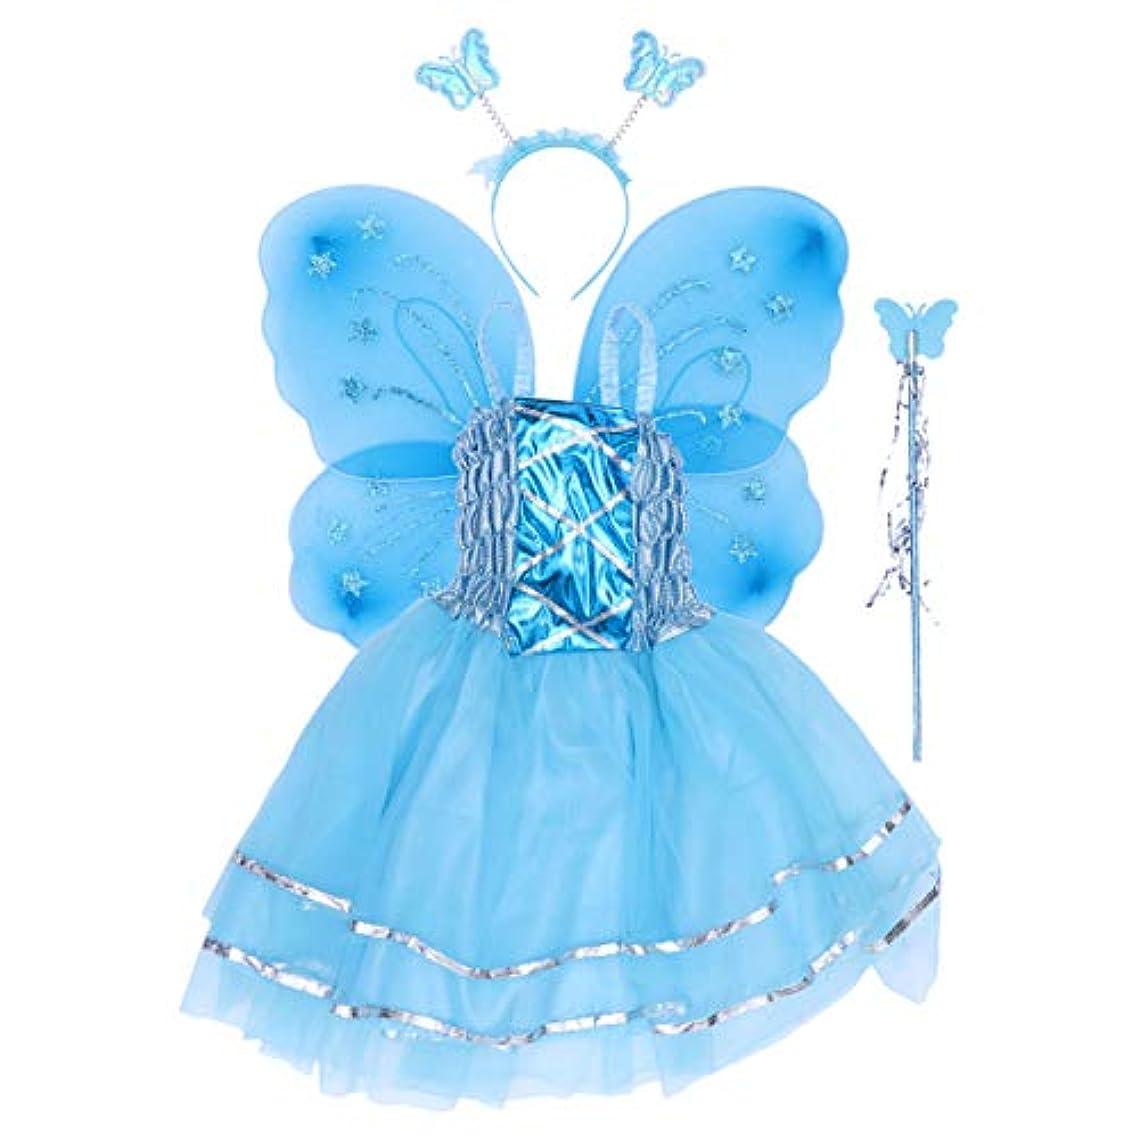 BESTOYARD 蝶の羽、ワンド、ヘッドバンド、ツツードレス(スカイブルー)と4個の女の子バタフライプリンセス妖精のコスチュームセット